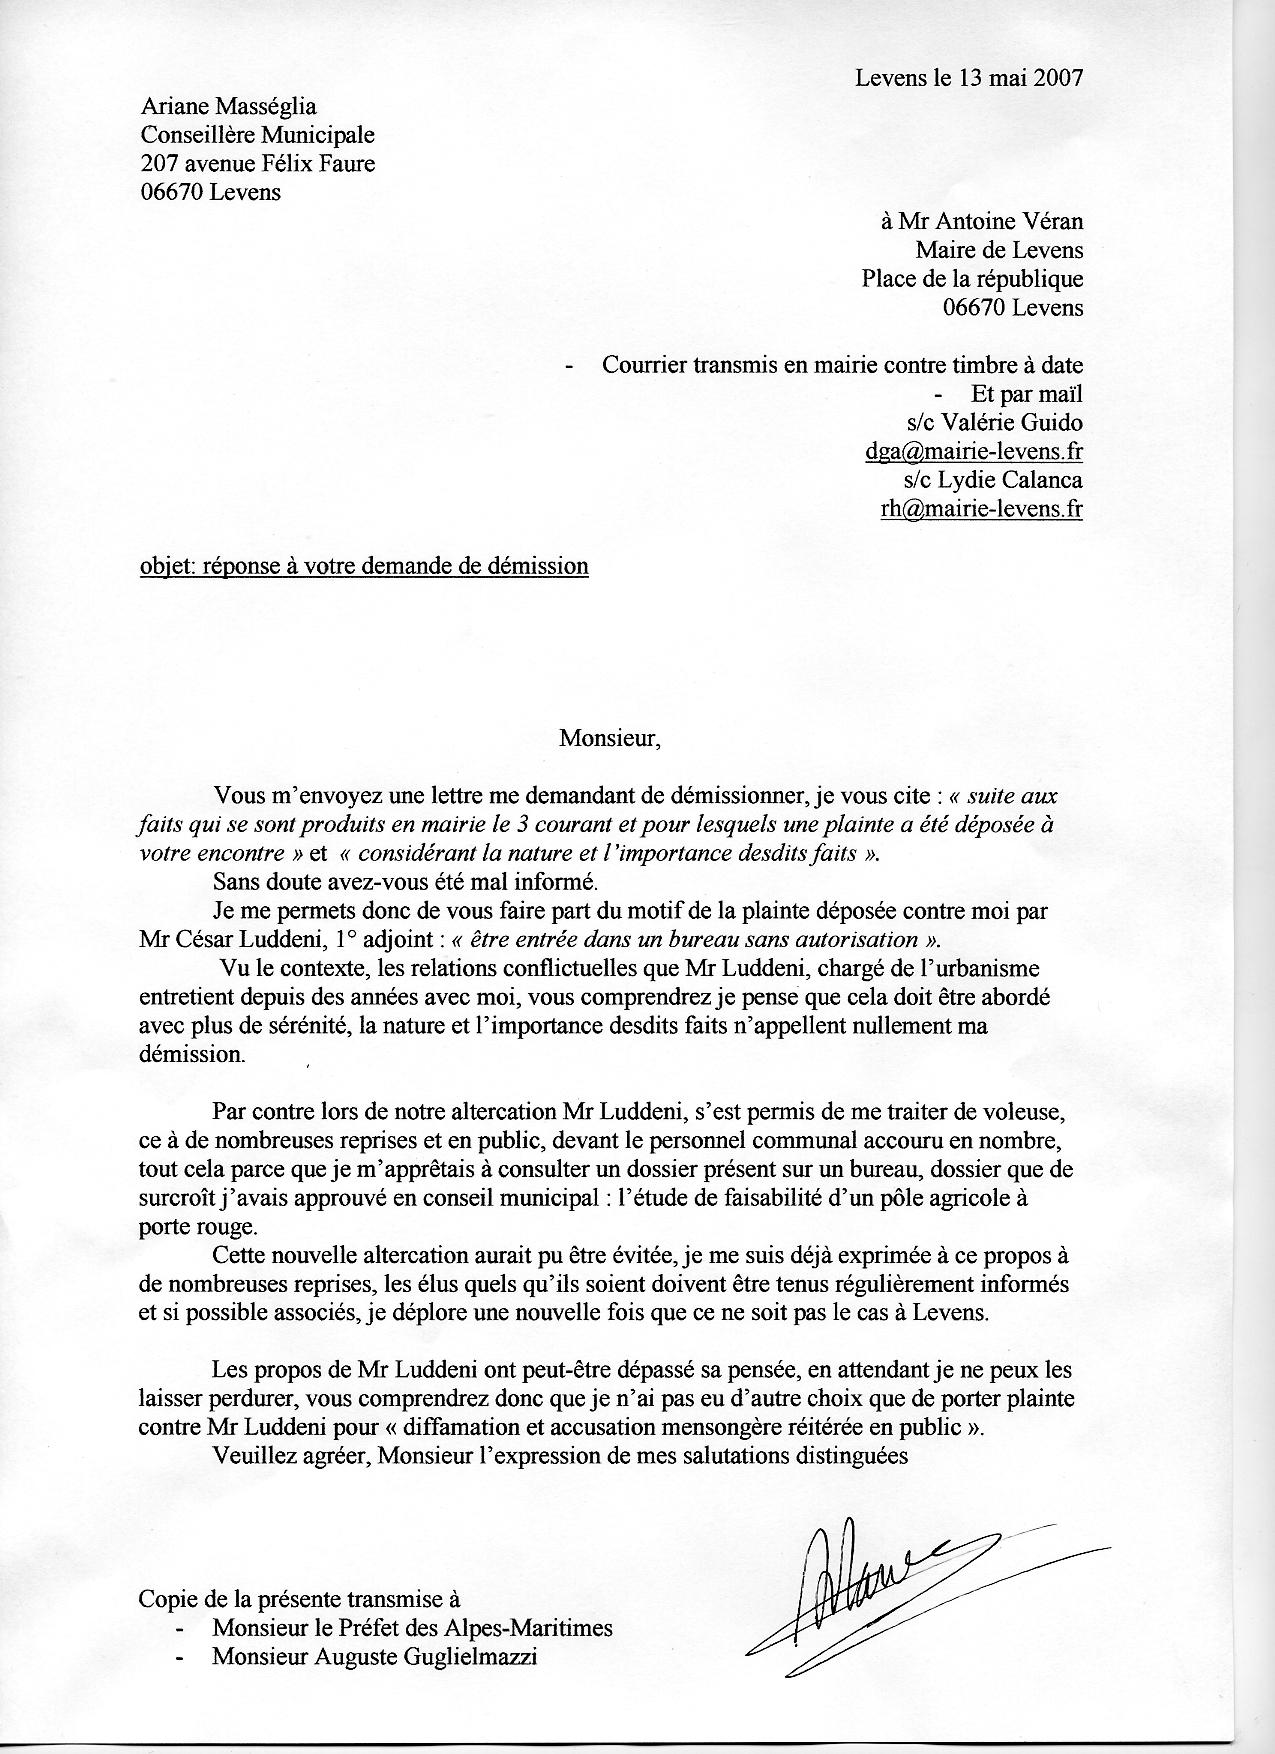 modele de lettre de demission d adjoint au maire Levens : Une élue qui dérange   ADN modele de lettre de demission d adjoint au maire